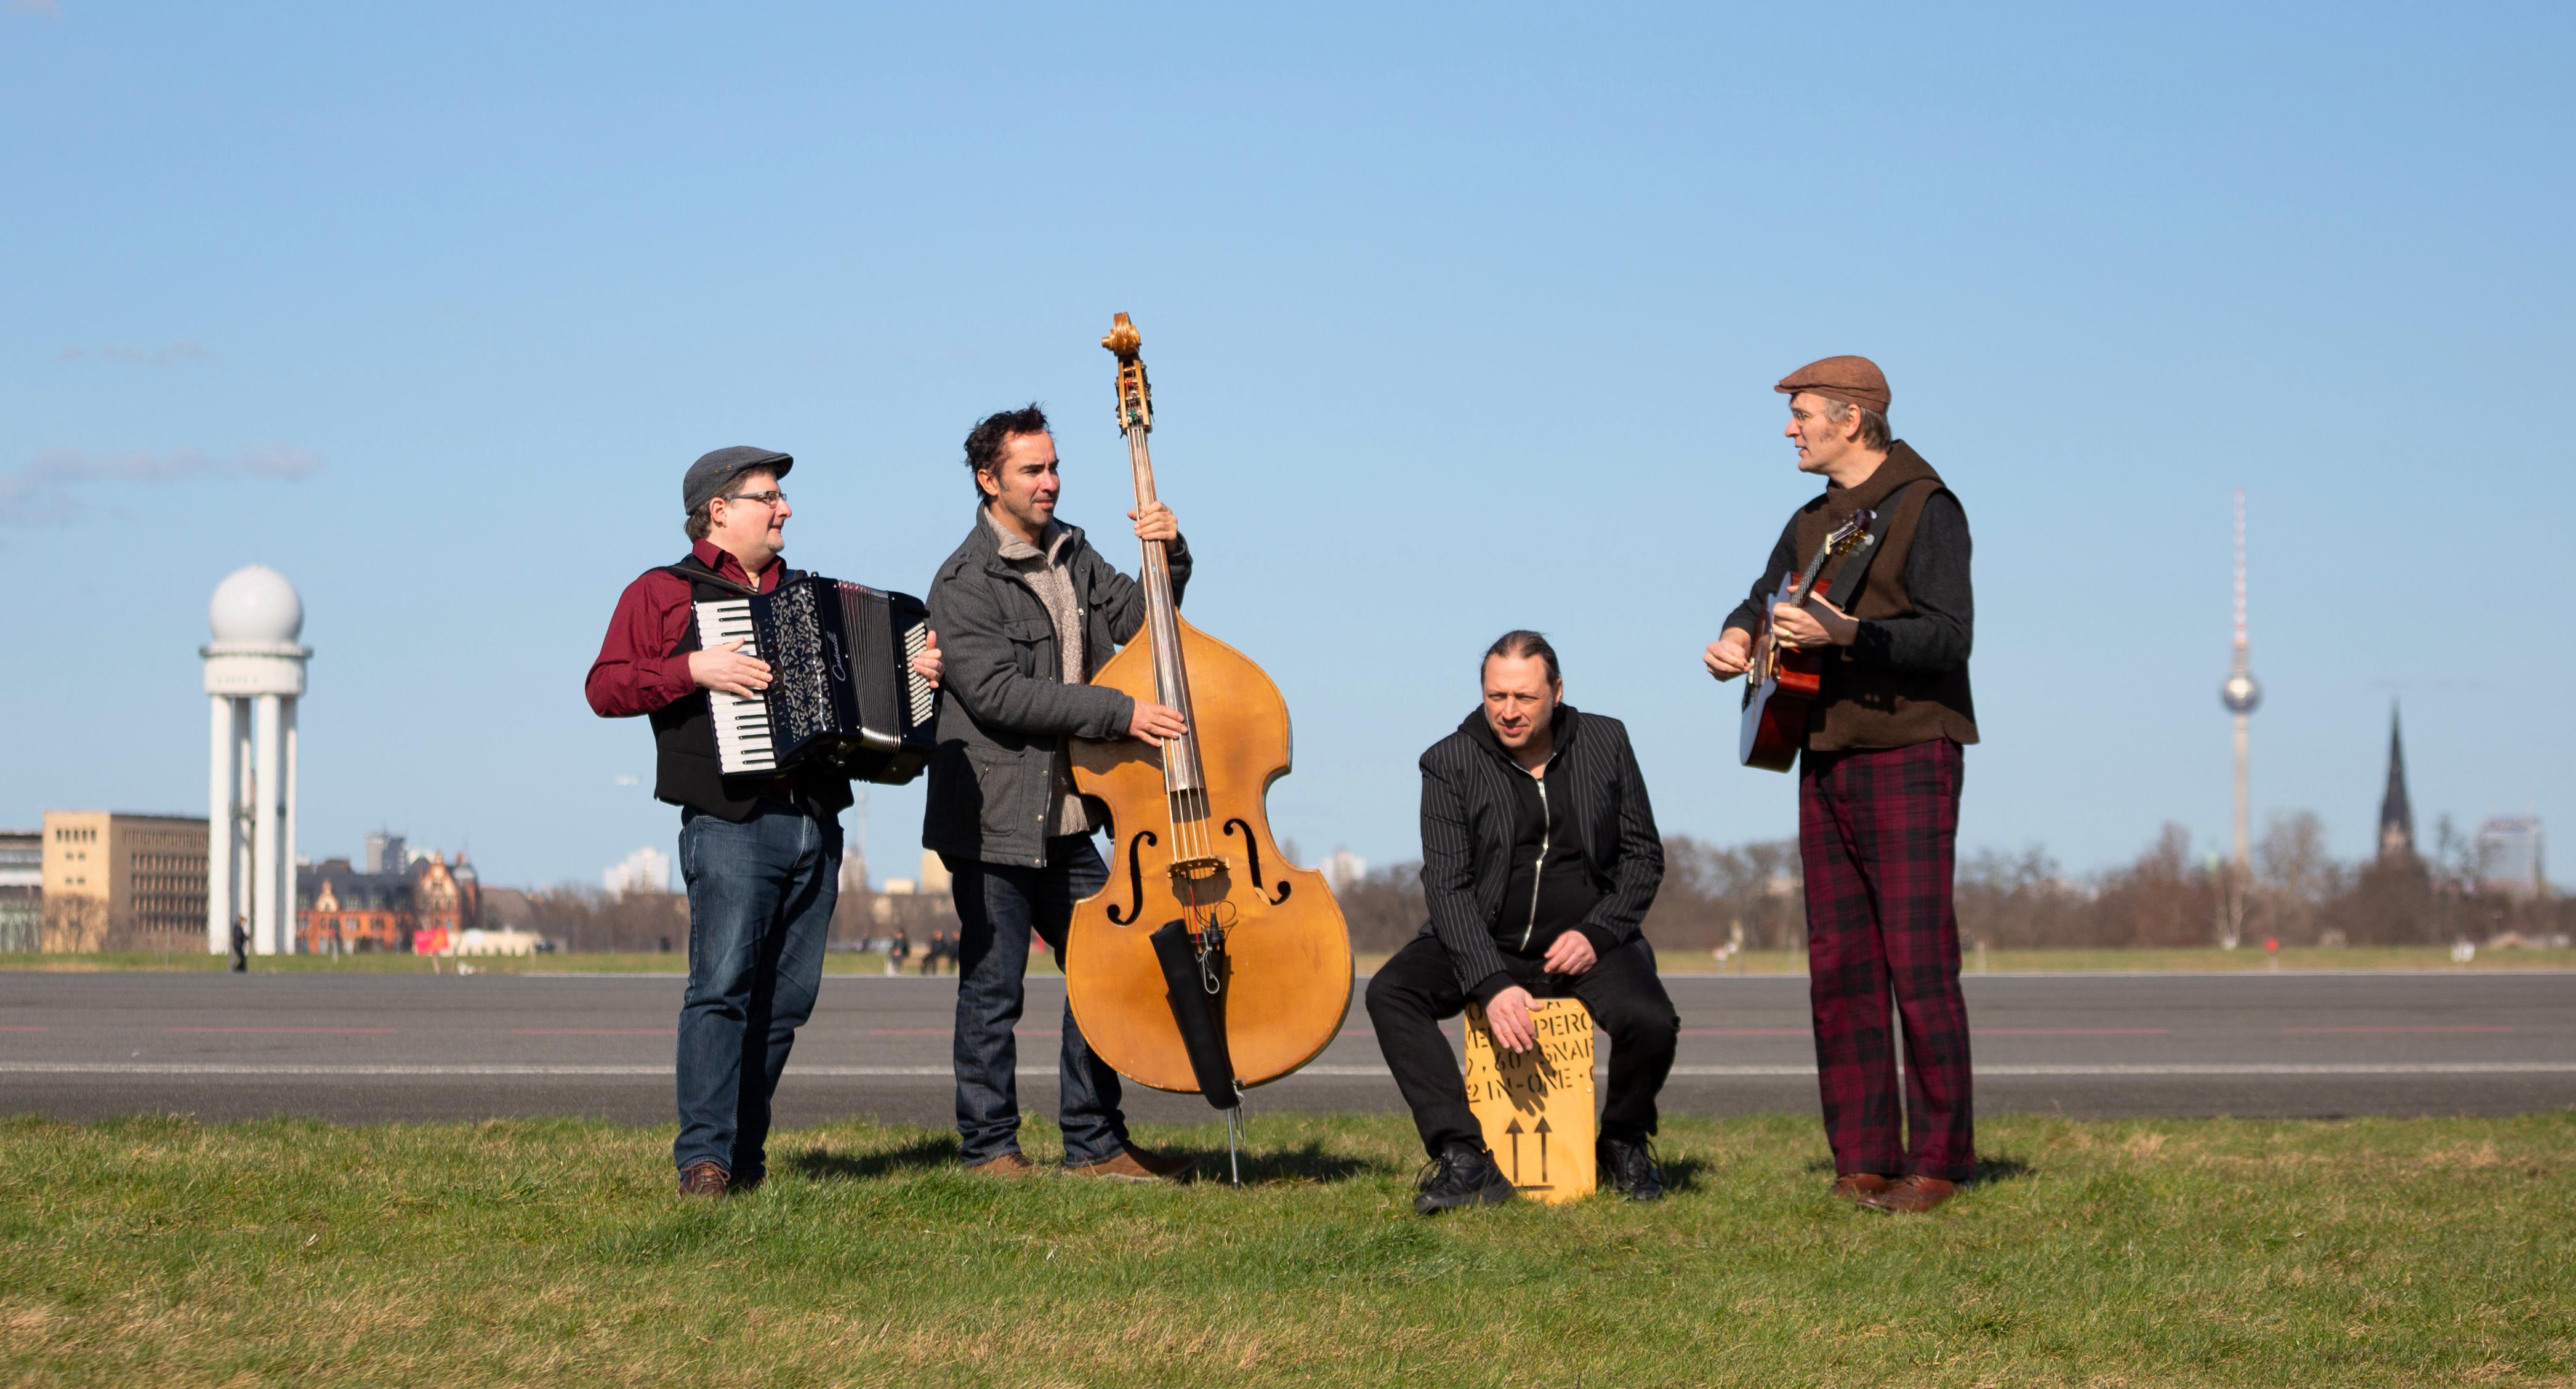 Band FloBêr - Foto: Christian Reister